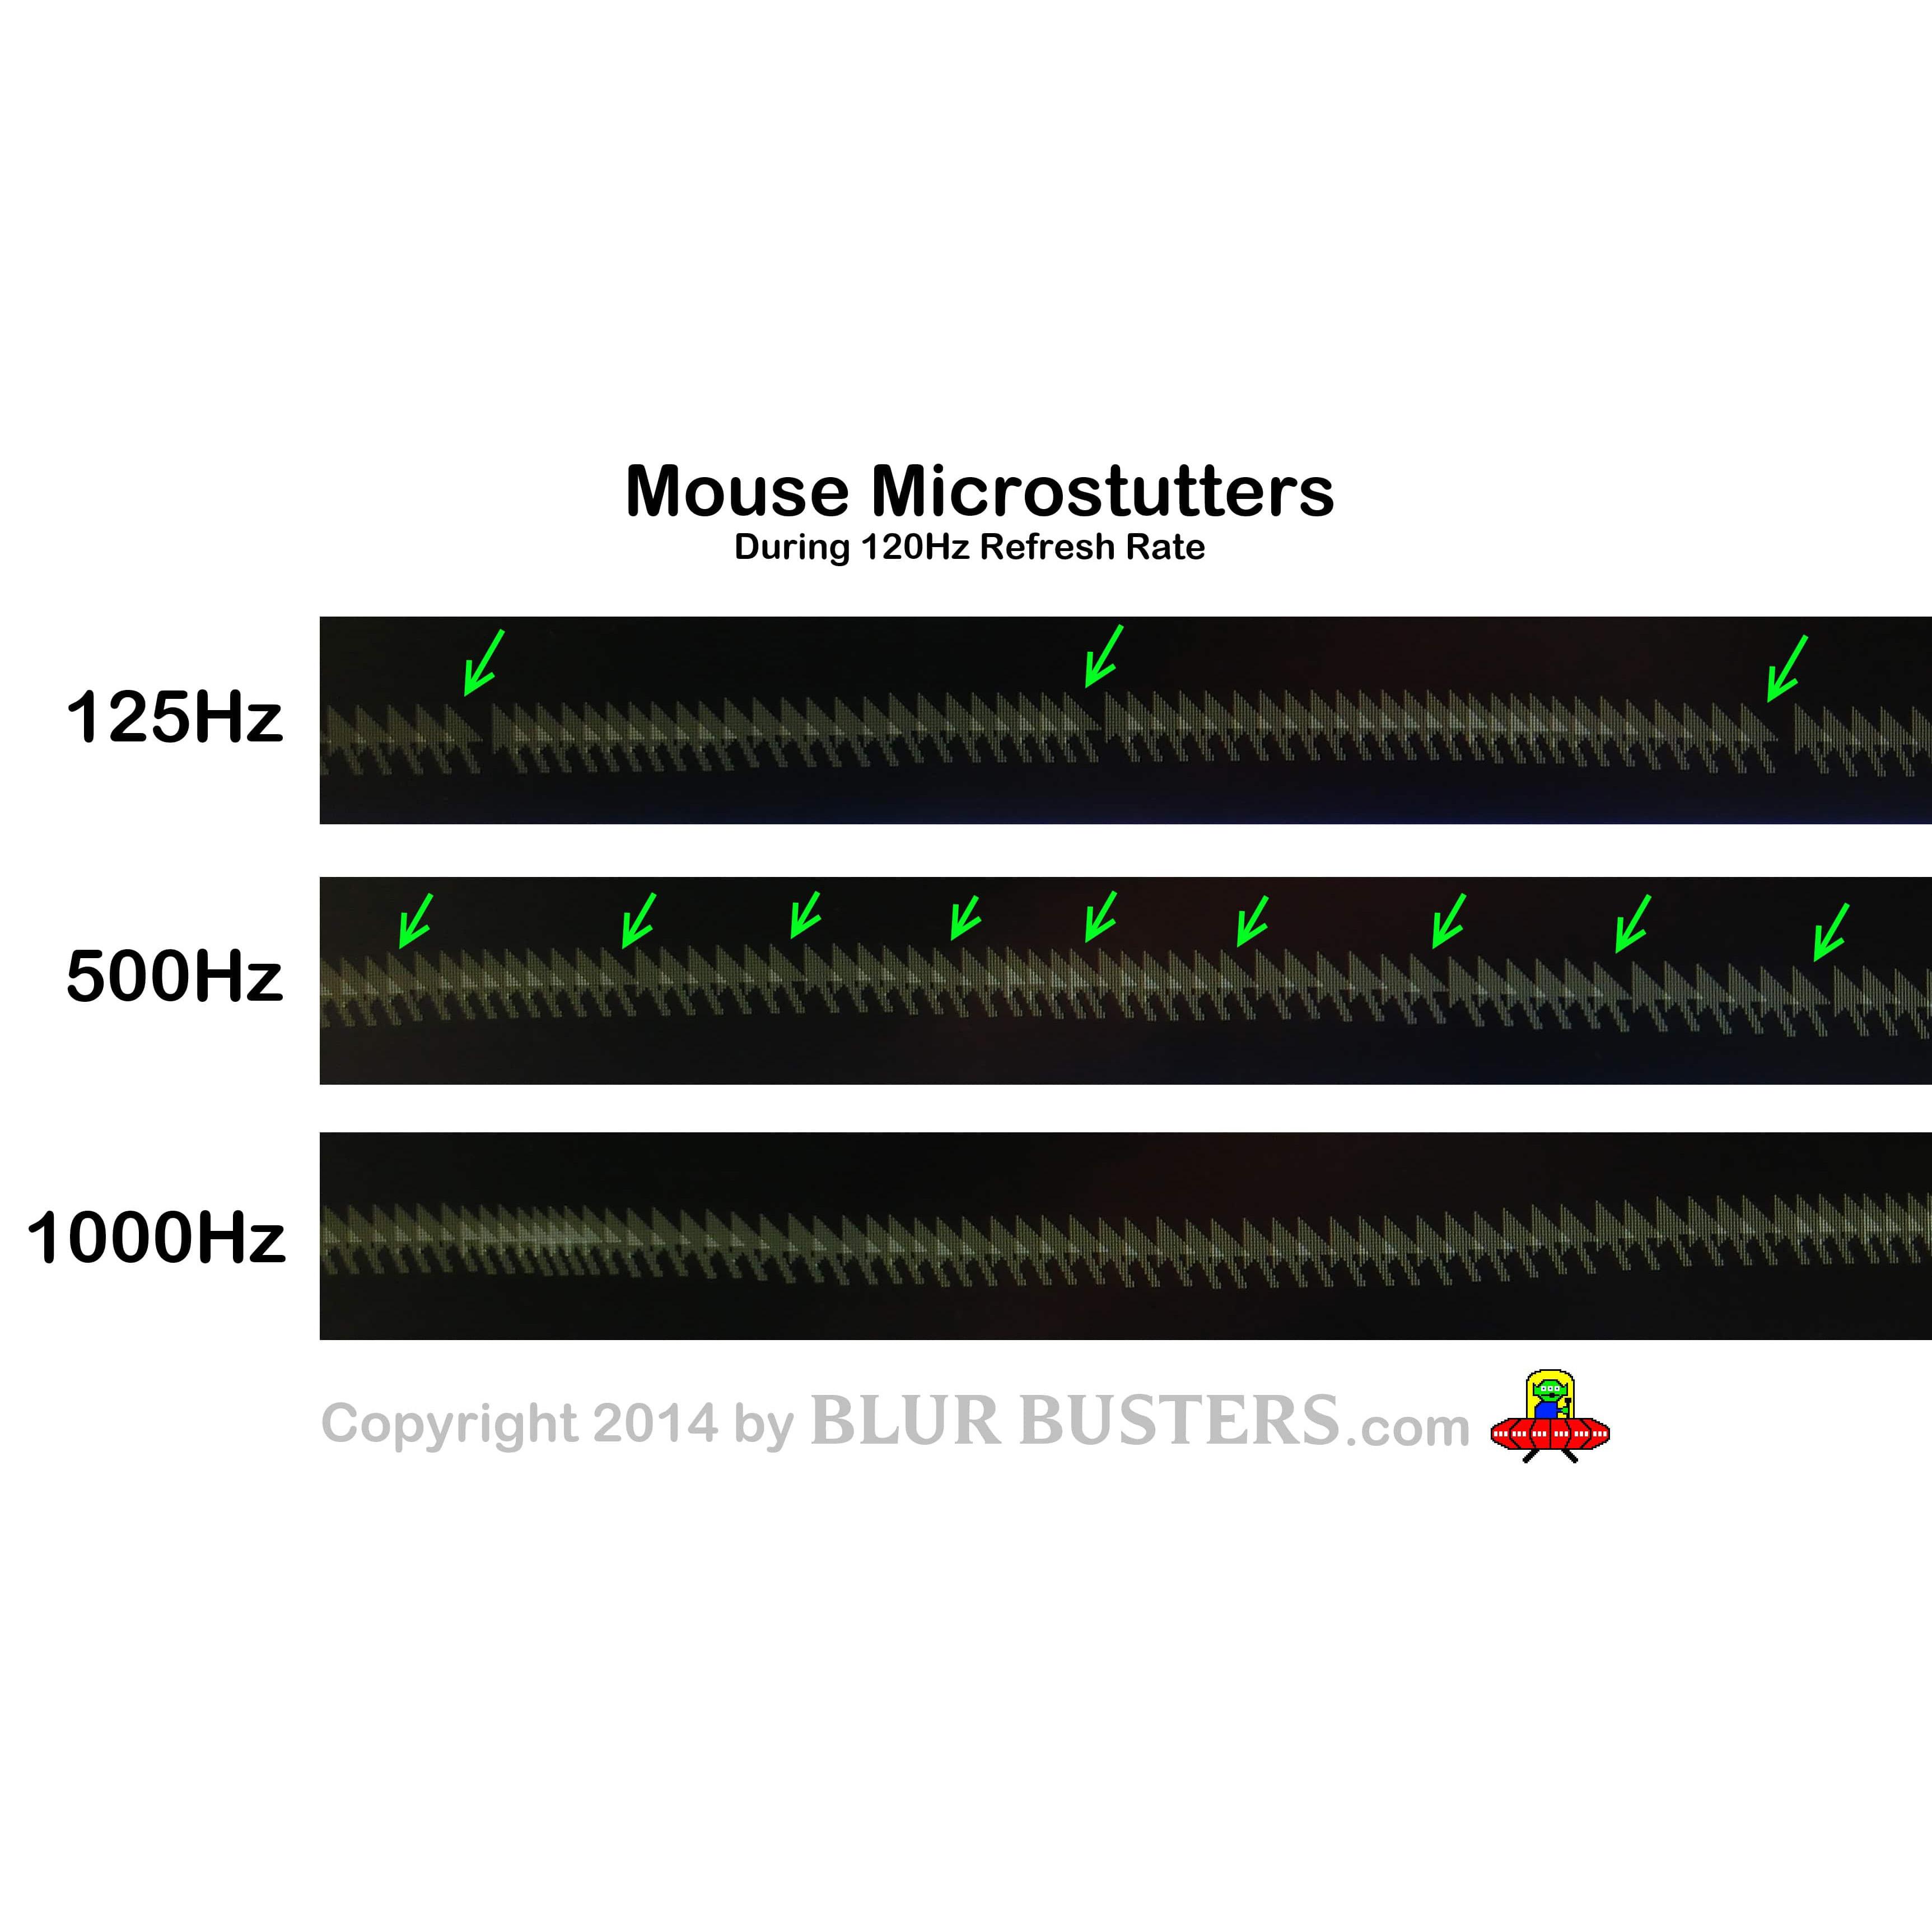 PHOTOS: Mouse 125Hz vs 500Hz vs 1000Hz | Blur Busters